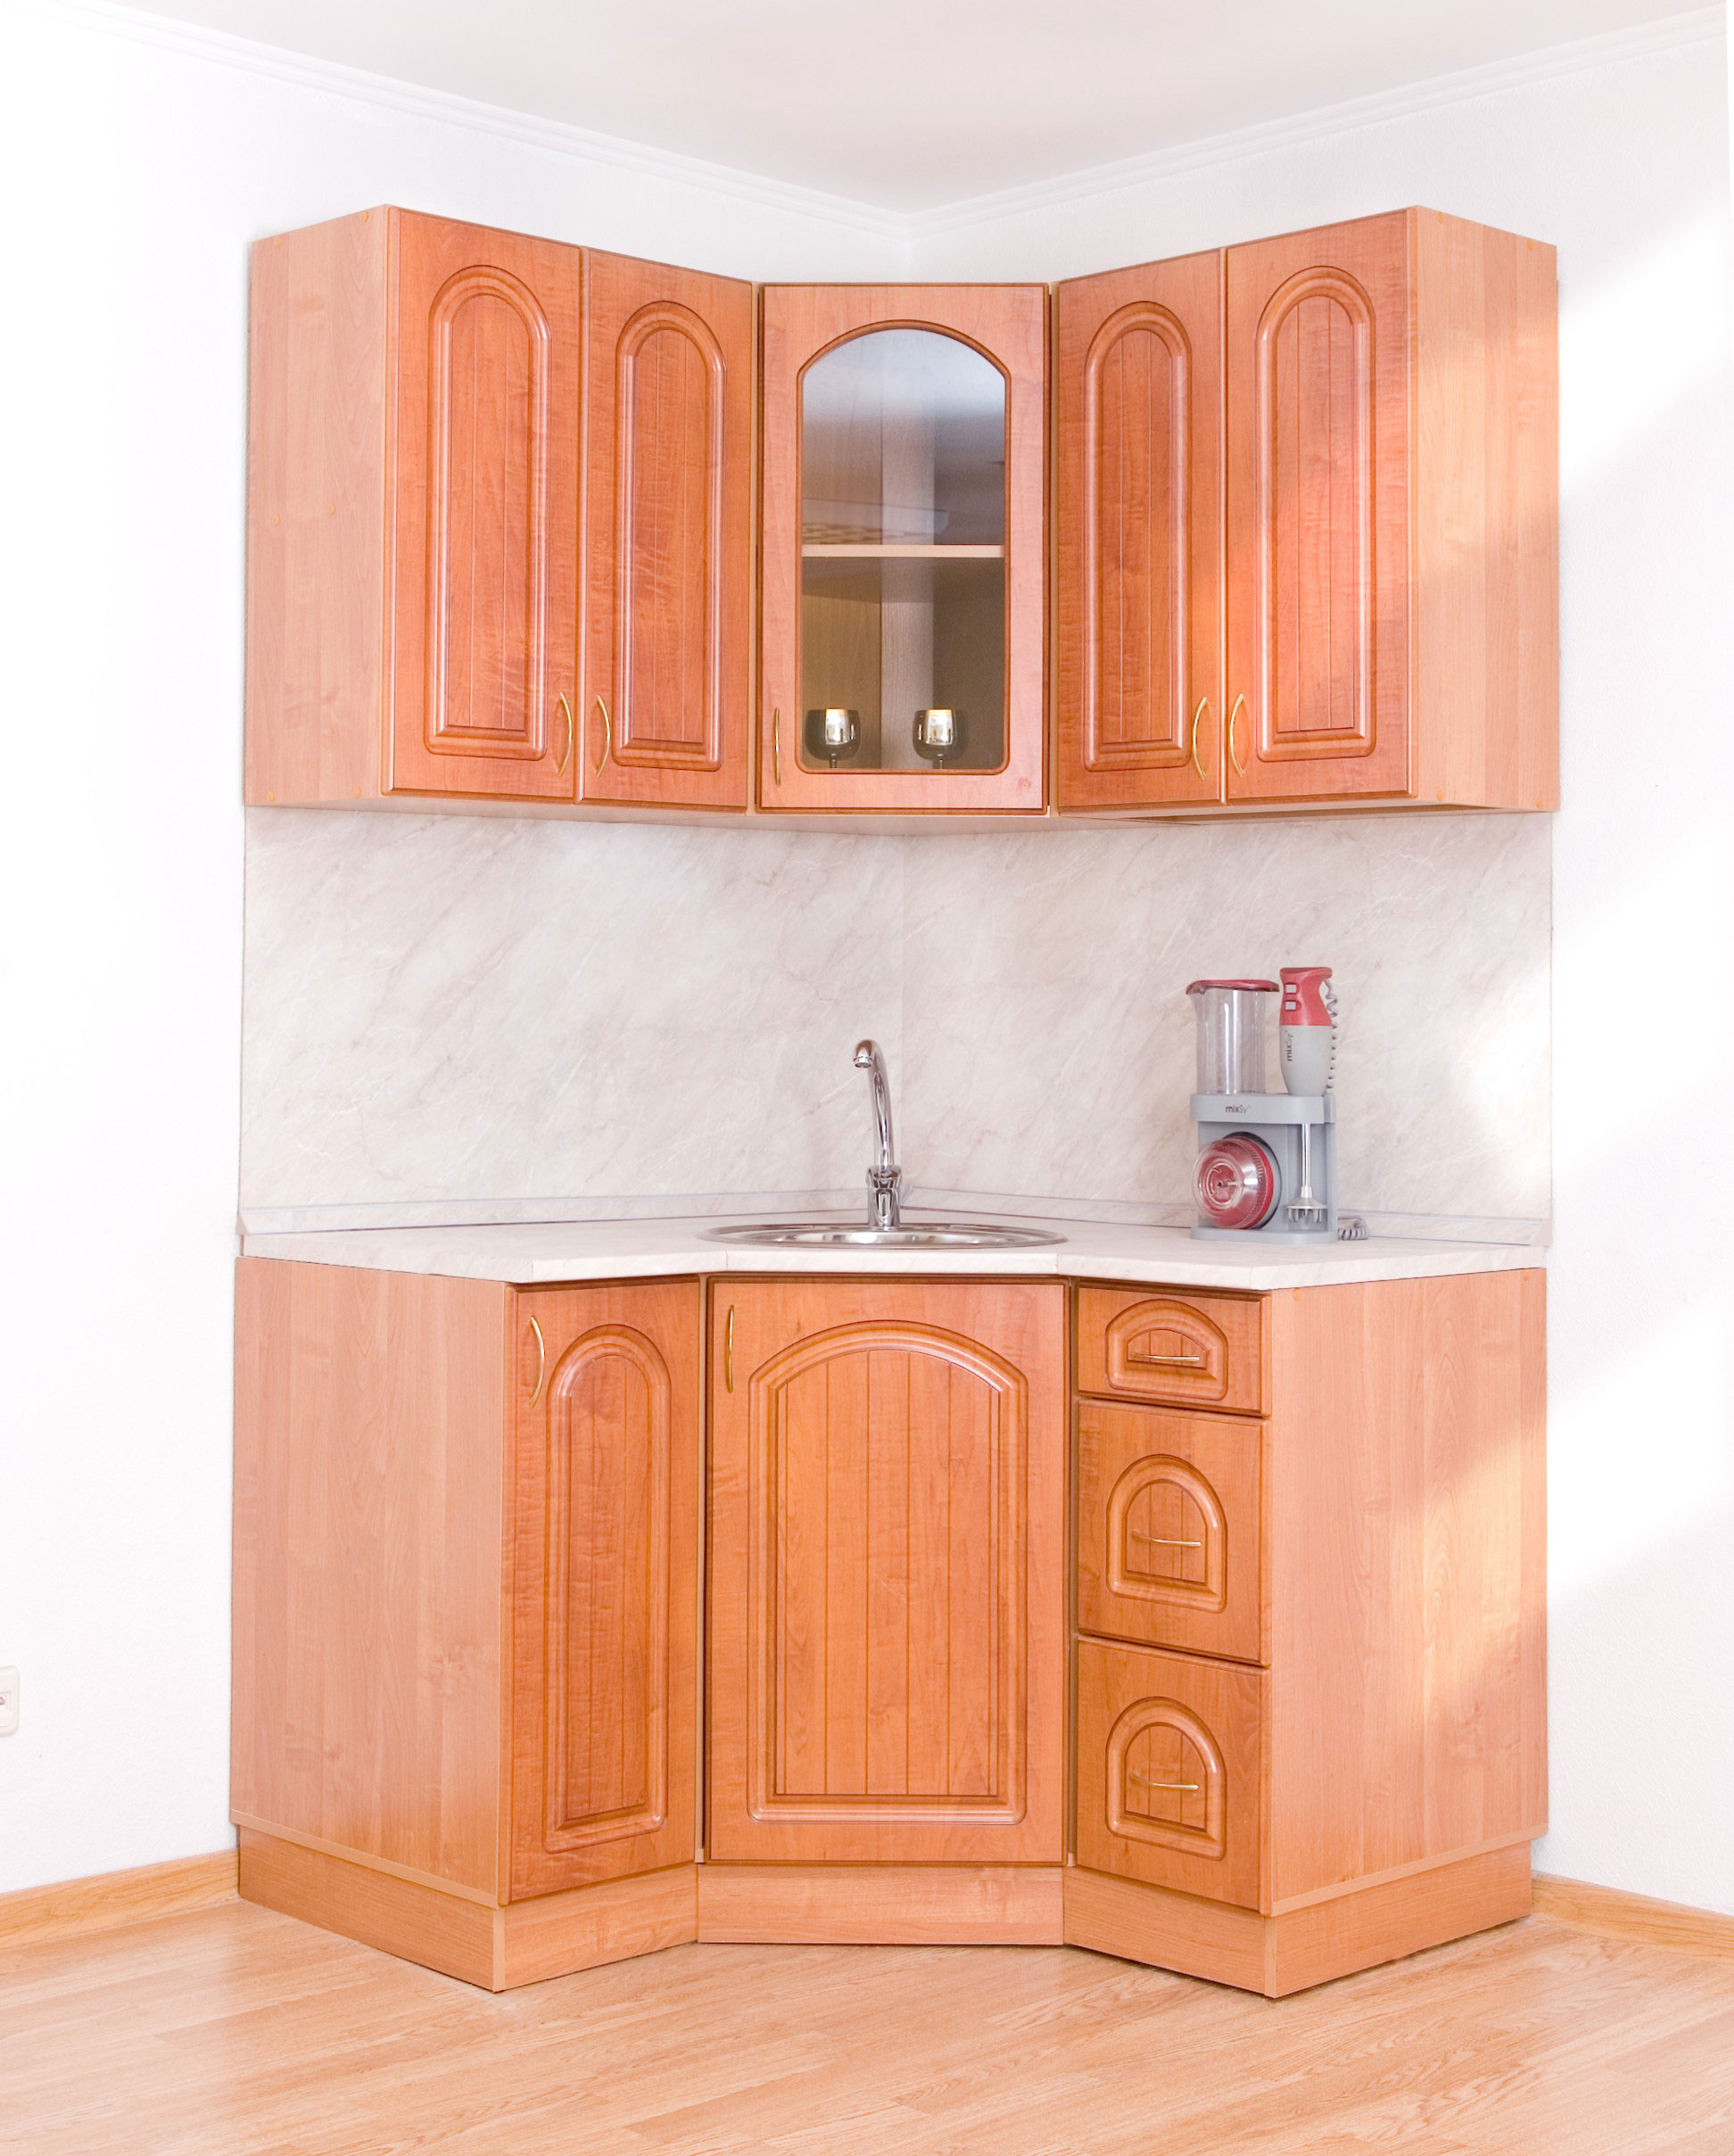 Угловой светло-коричневый кухонный гарнитур из массива